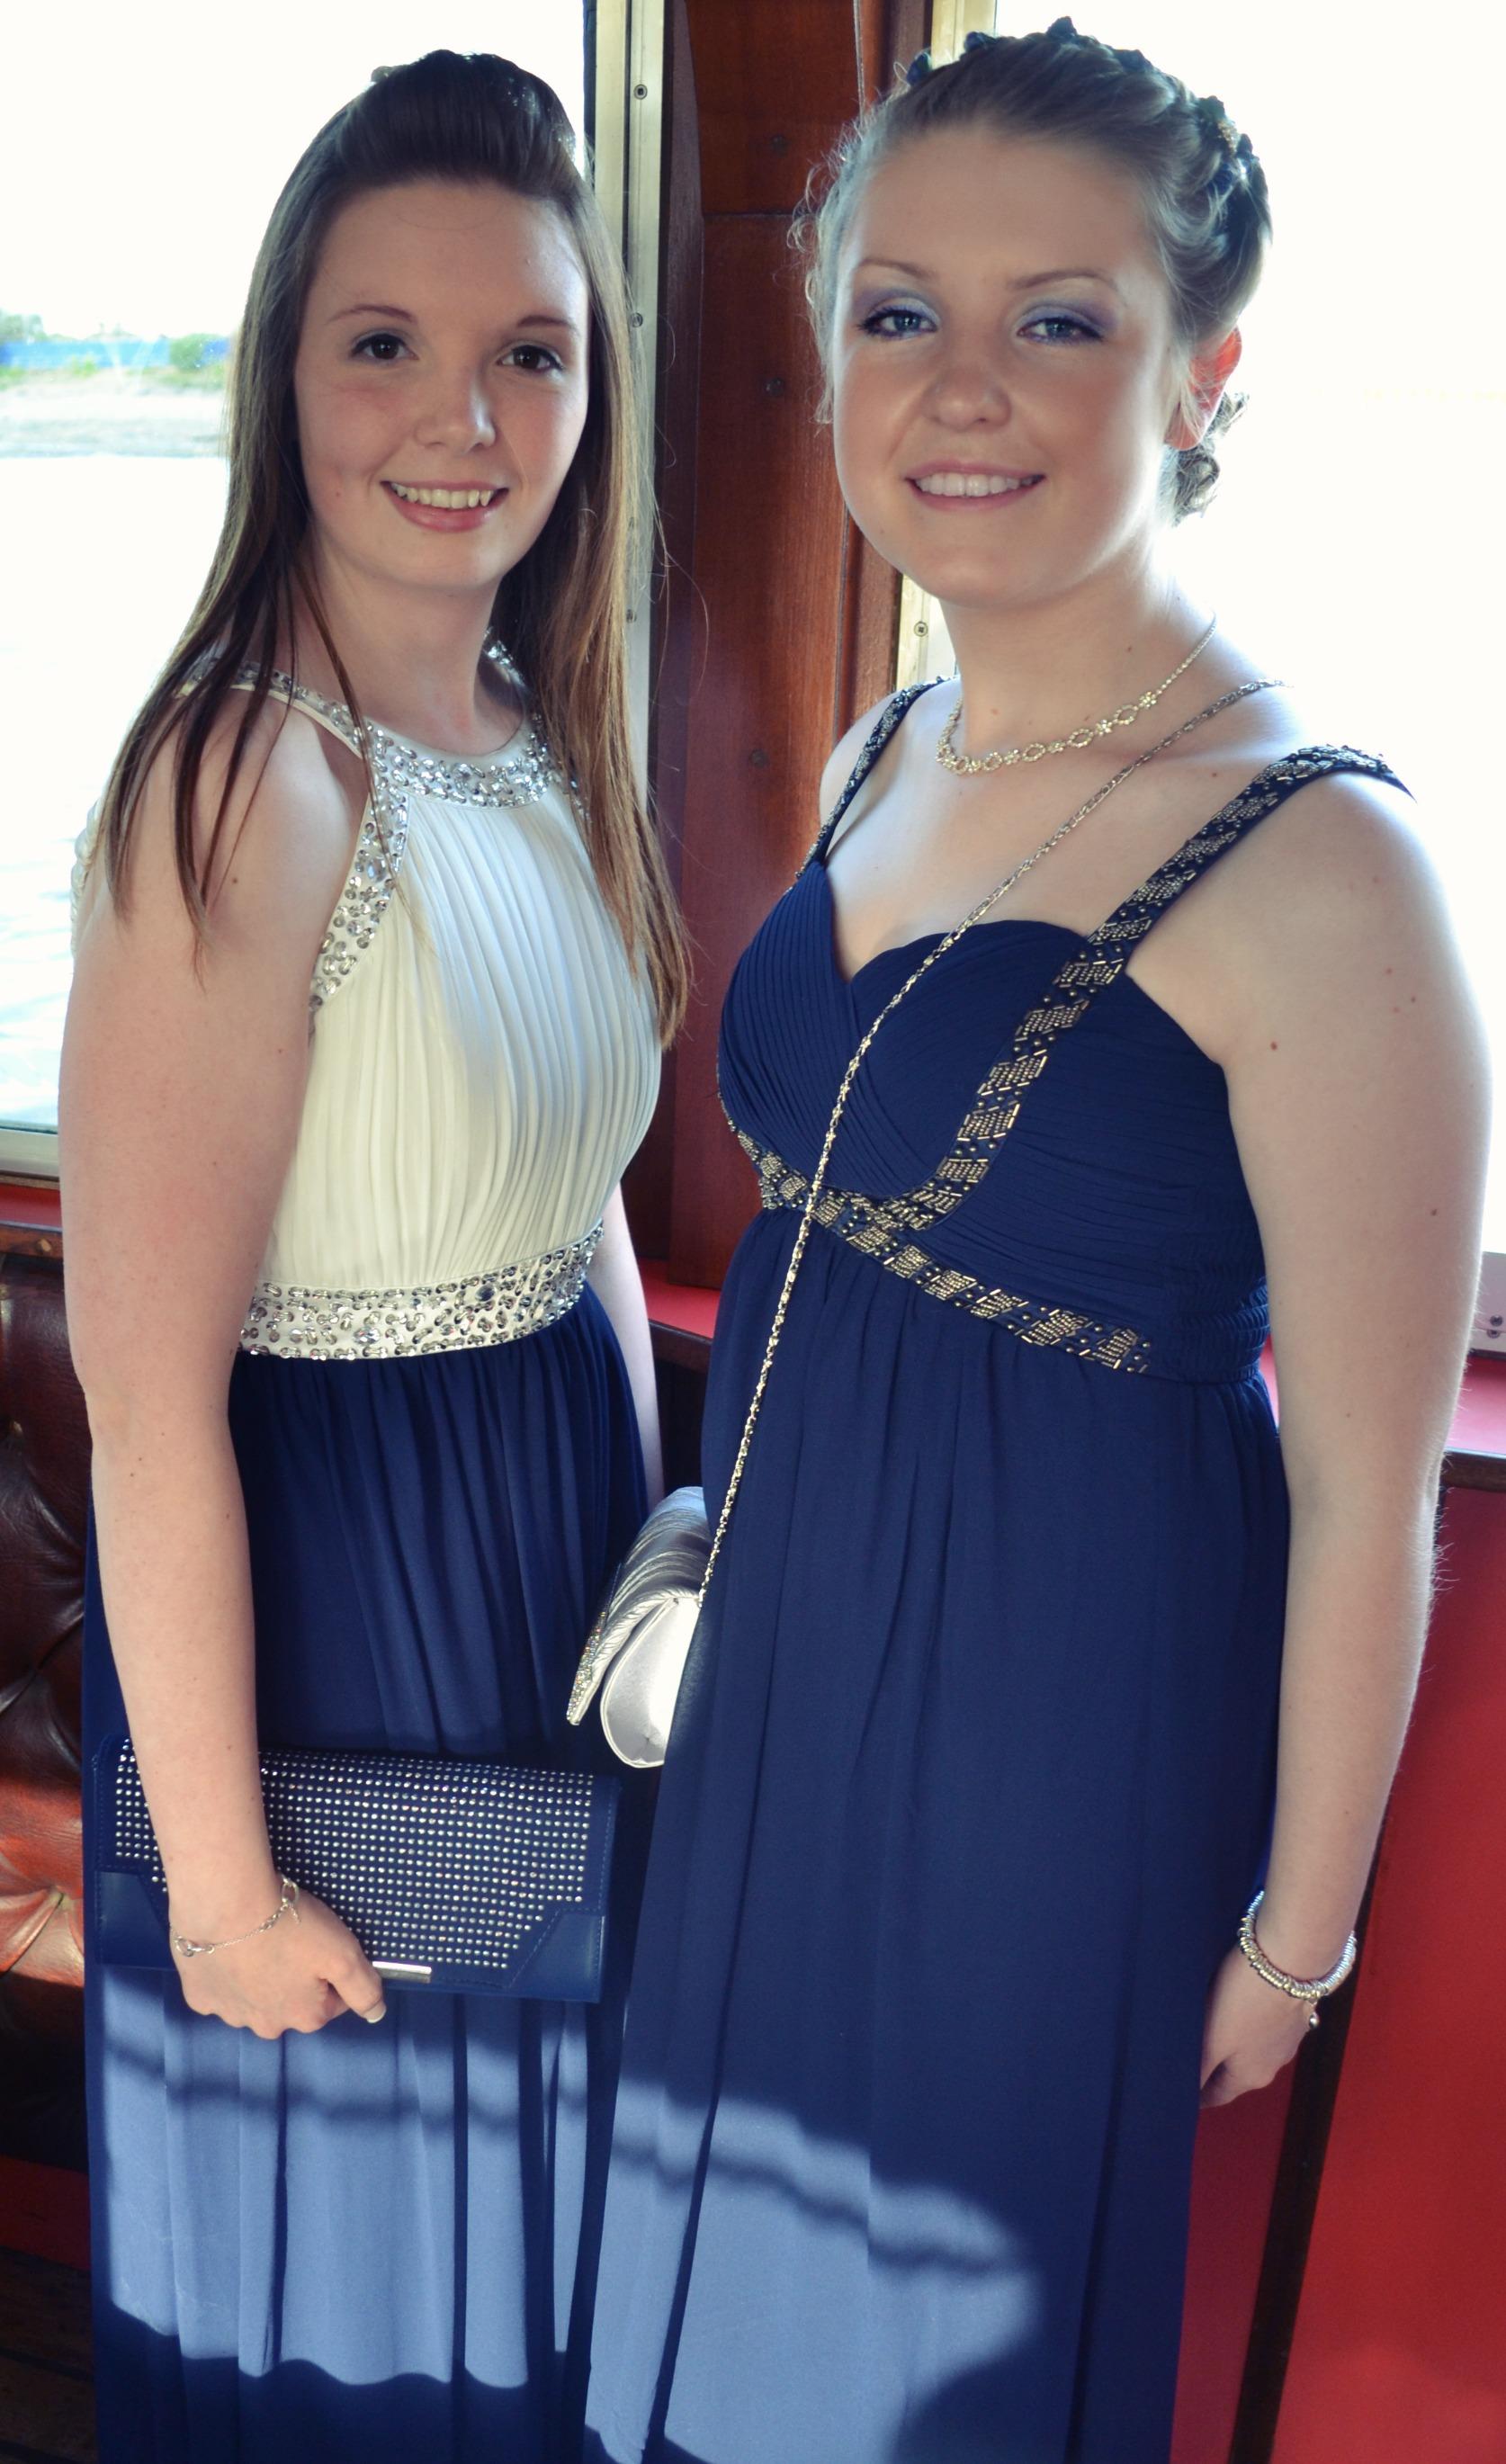 Lauren and Leah